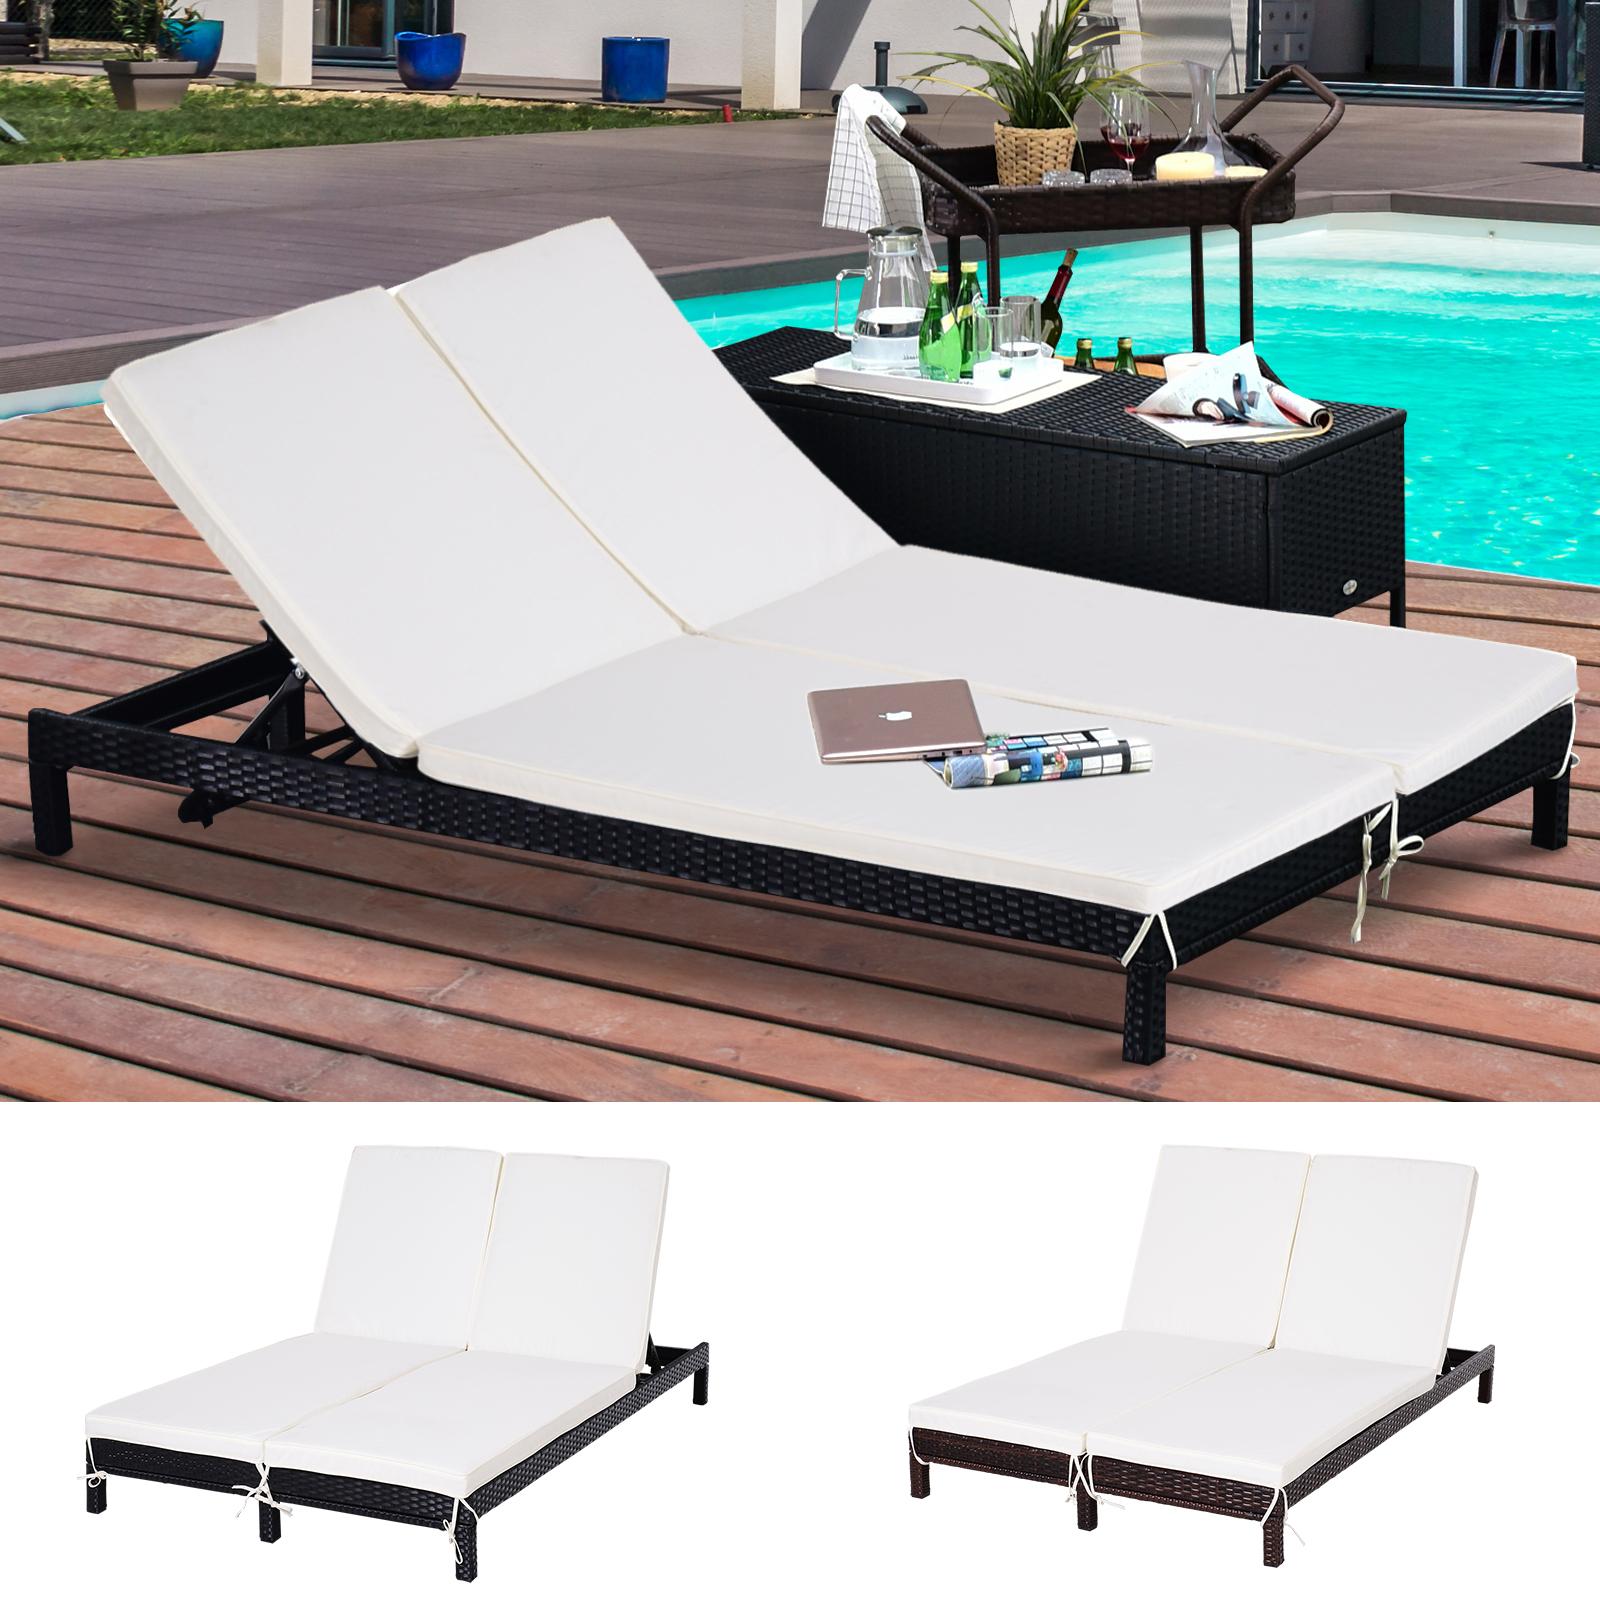 Gartenliege Doppelliege Relaxliege für 2 Personen 5-stufig Metall PE Rattan